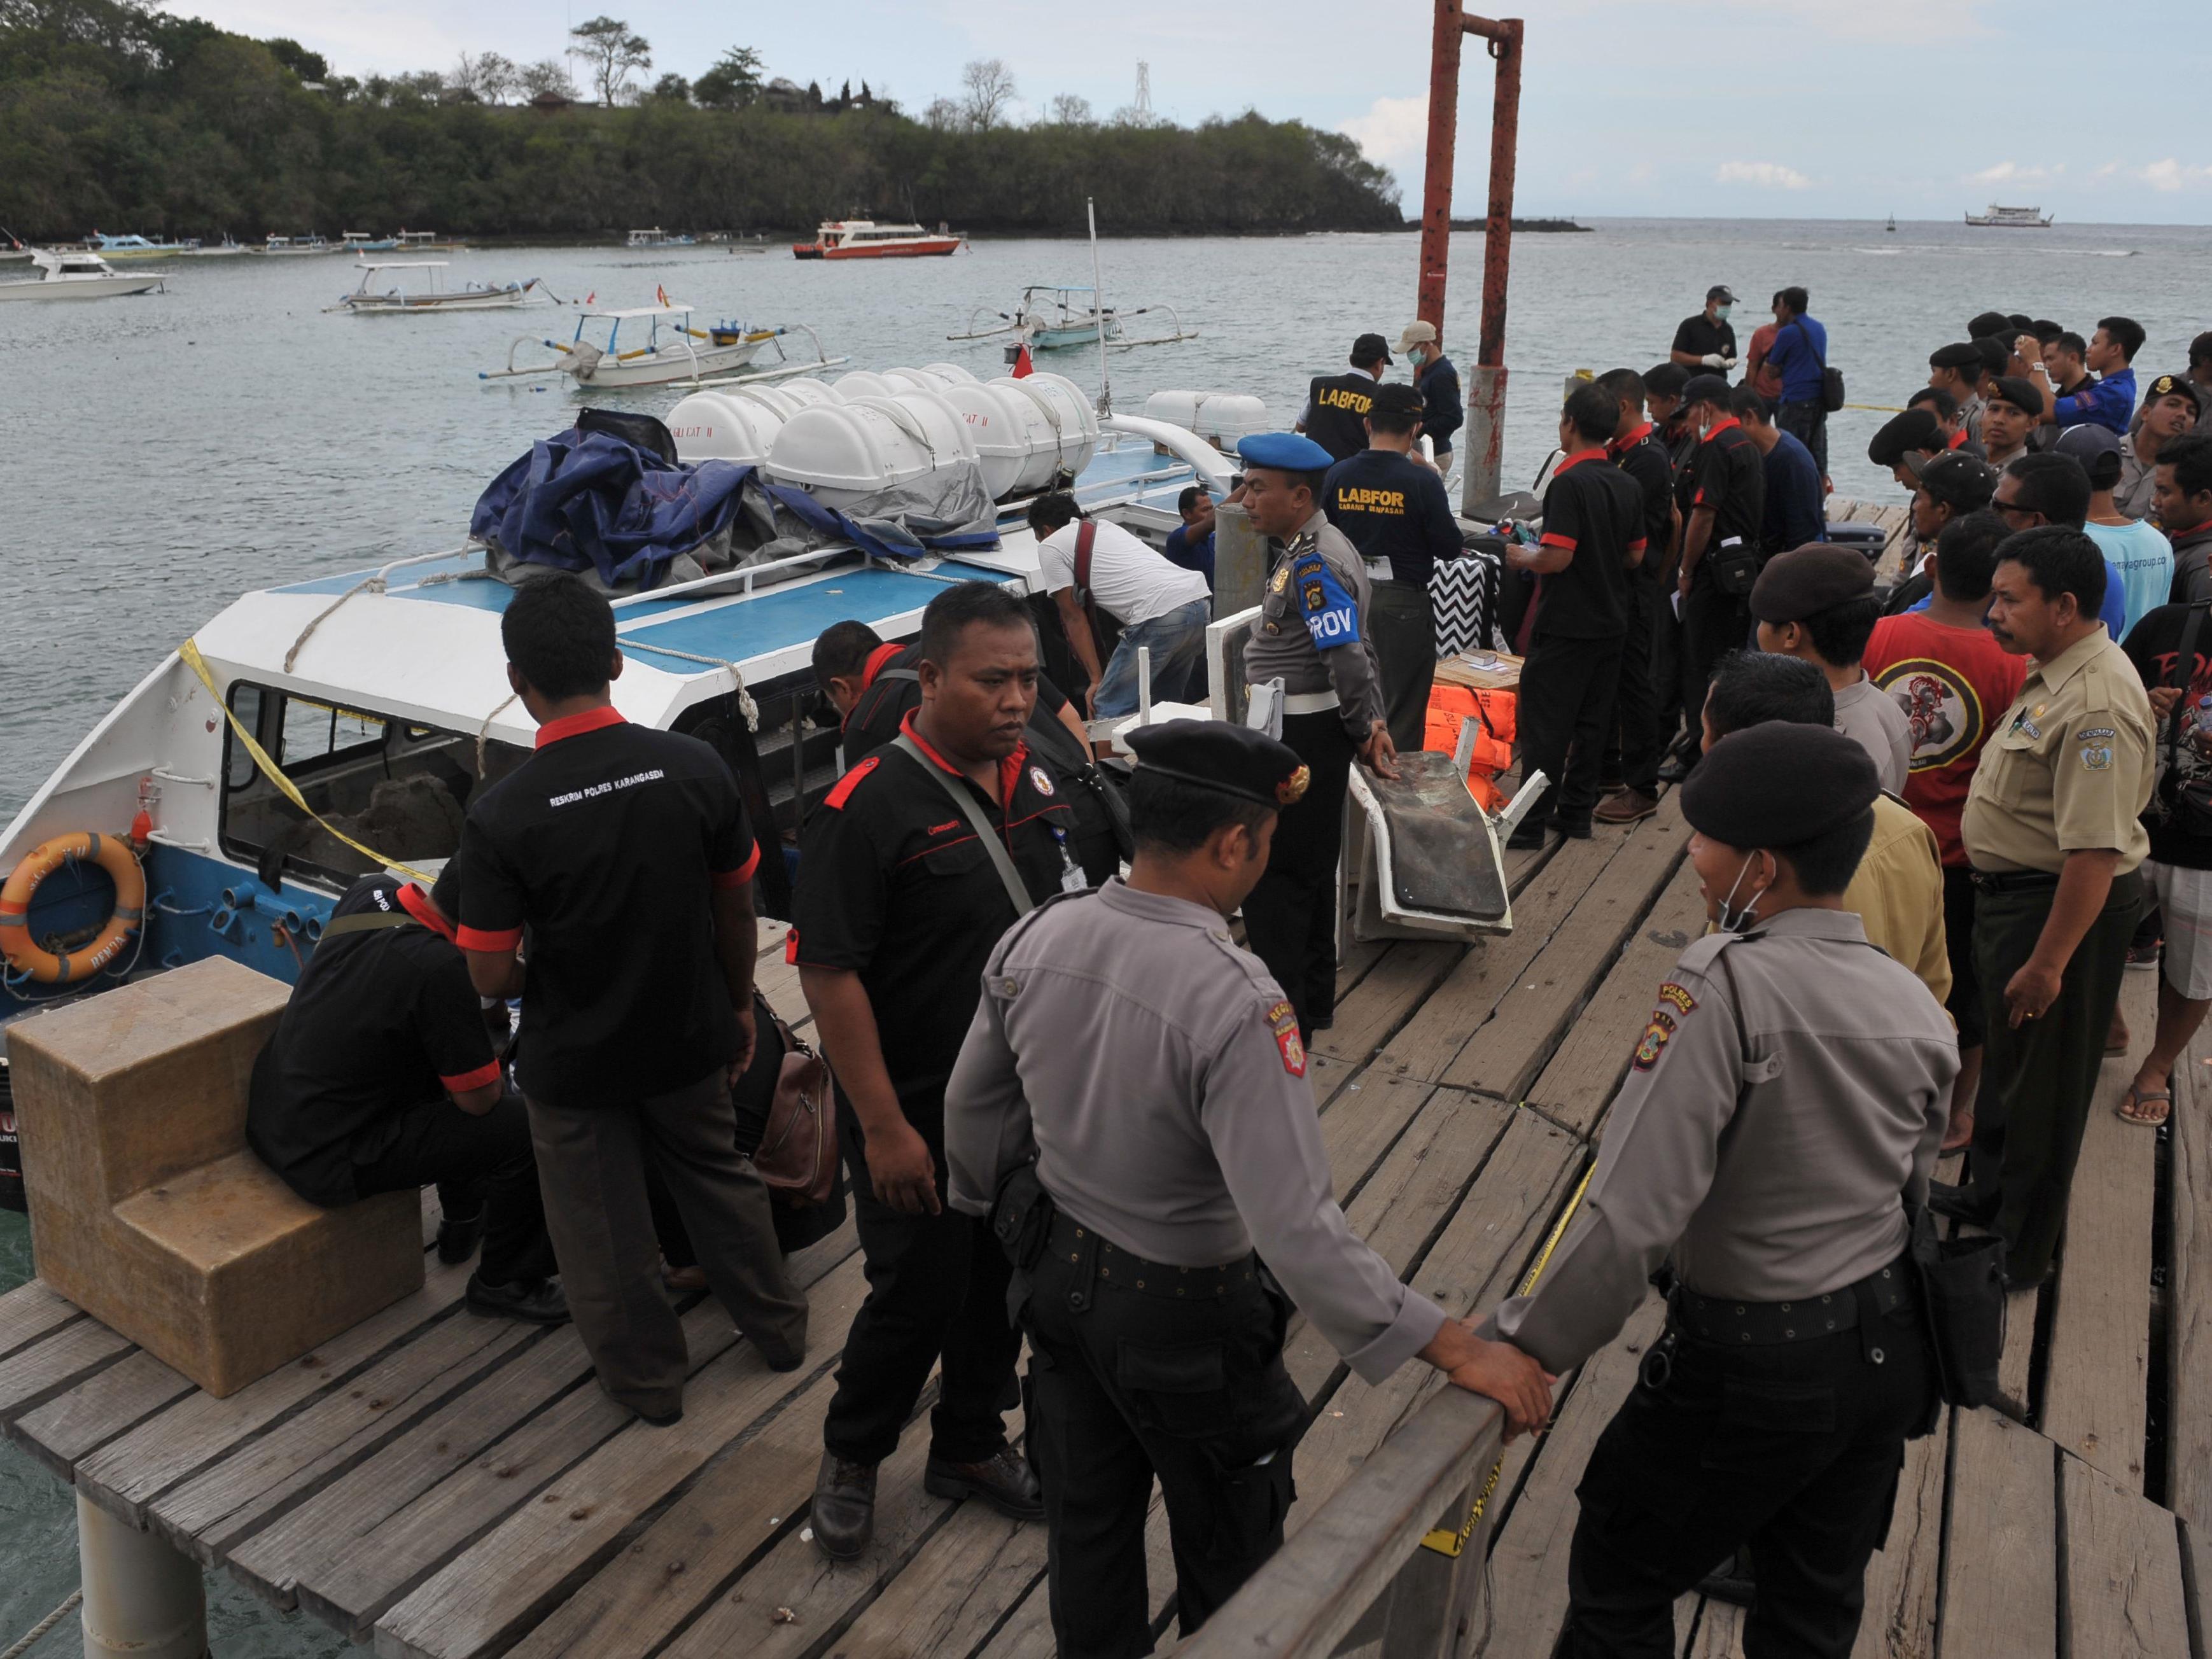 Bei einer Explosion auf einem Ausflugsschiff in Bali kam eine Österreicherin ums Leben